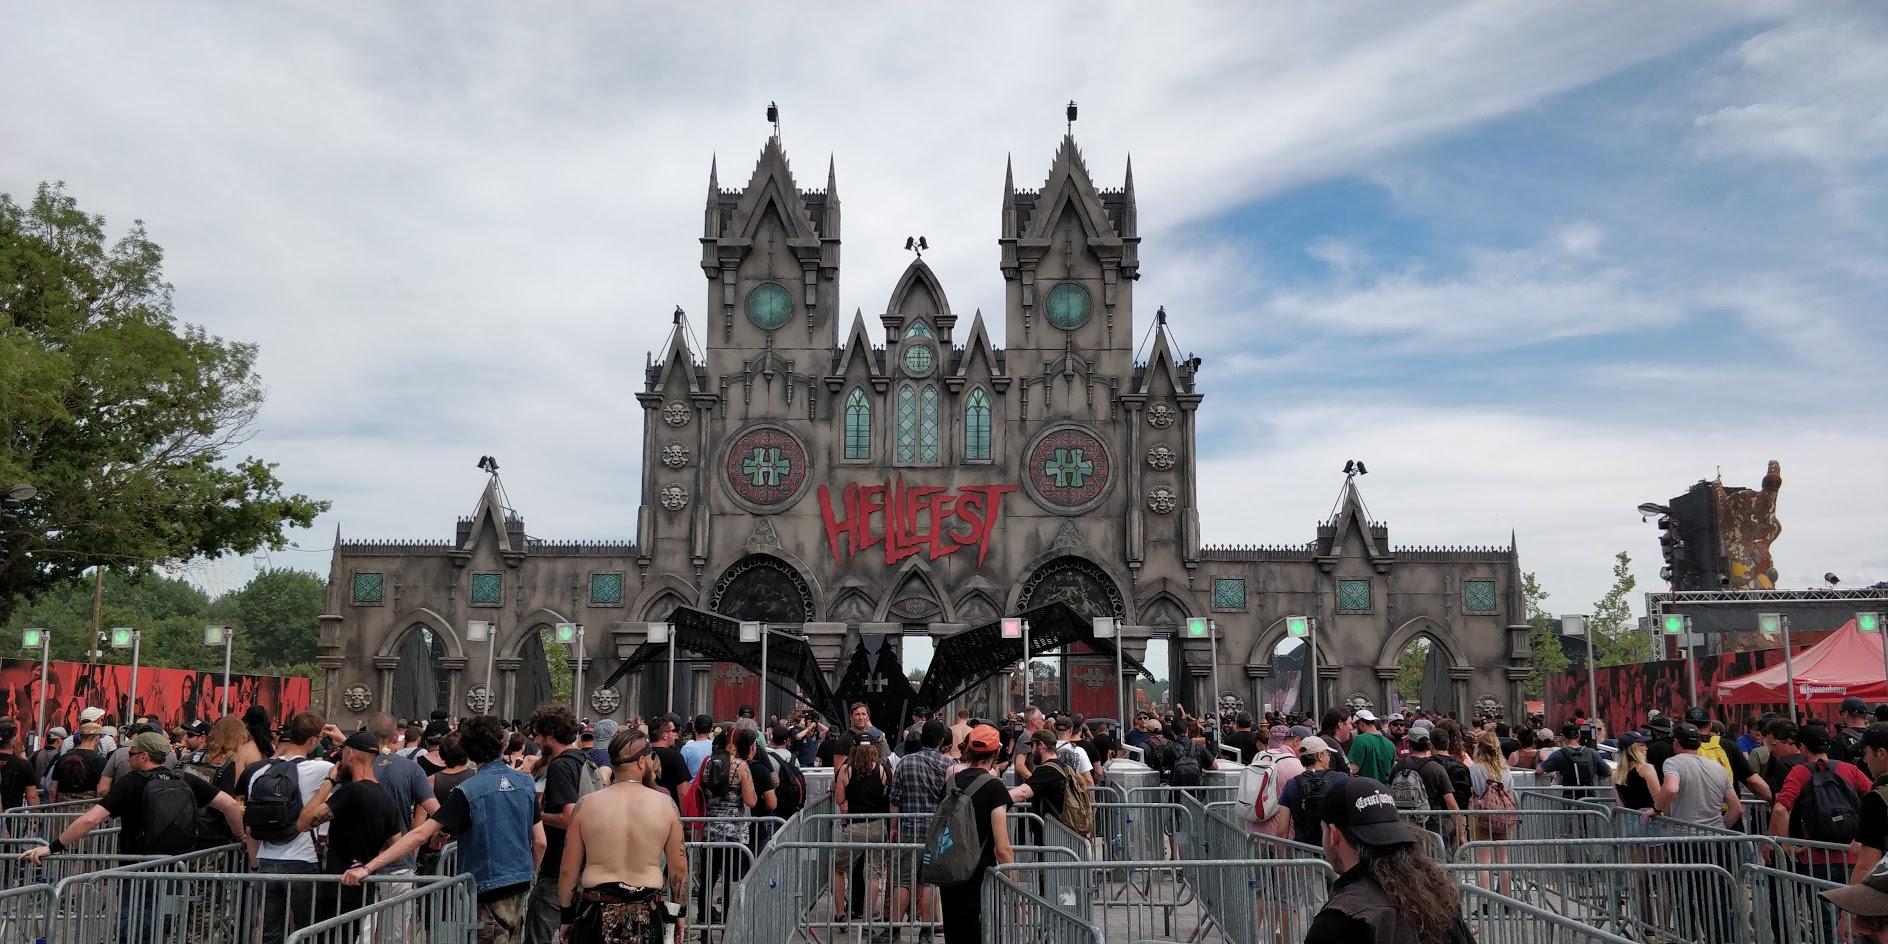 2019 Hellfest